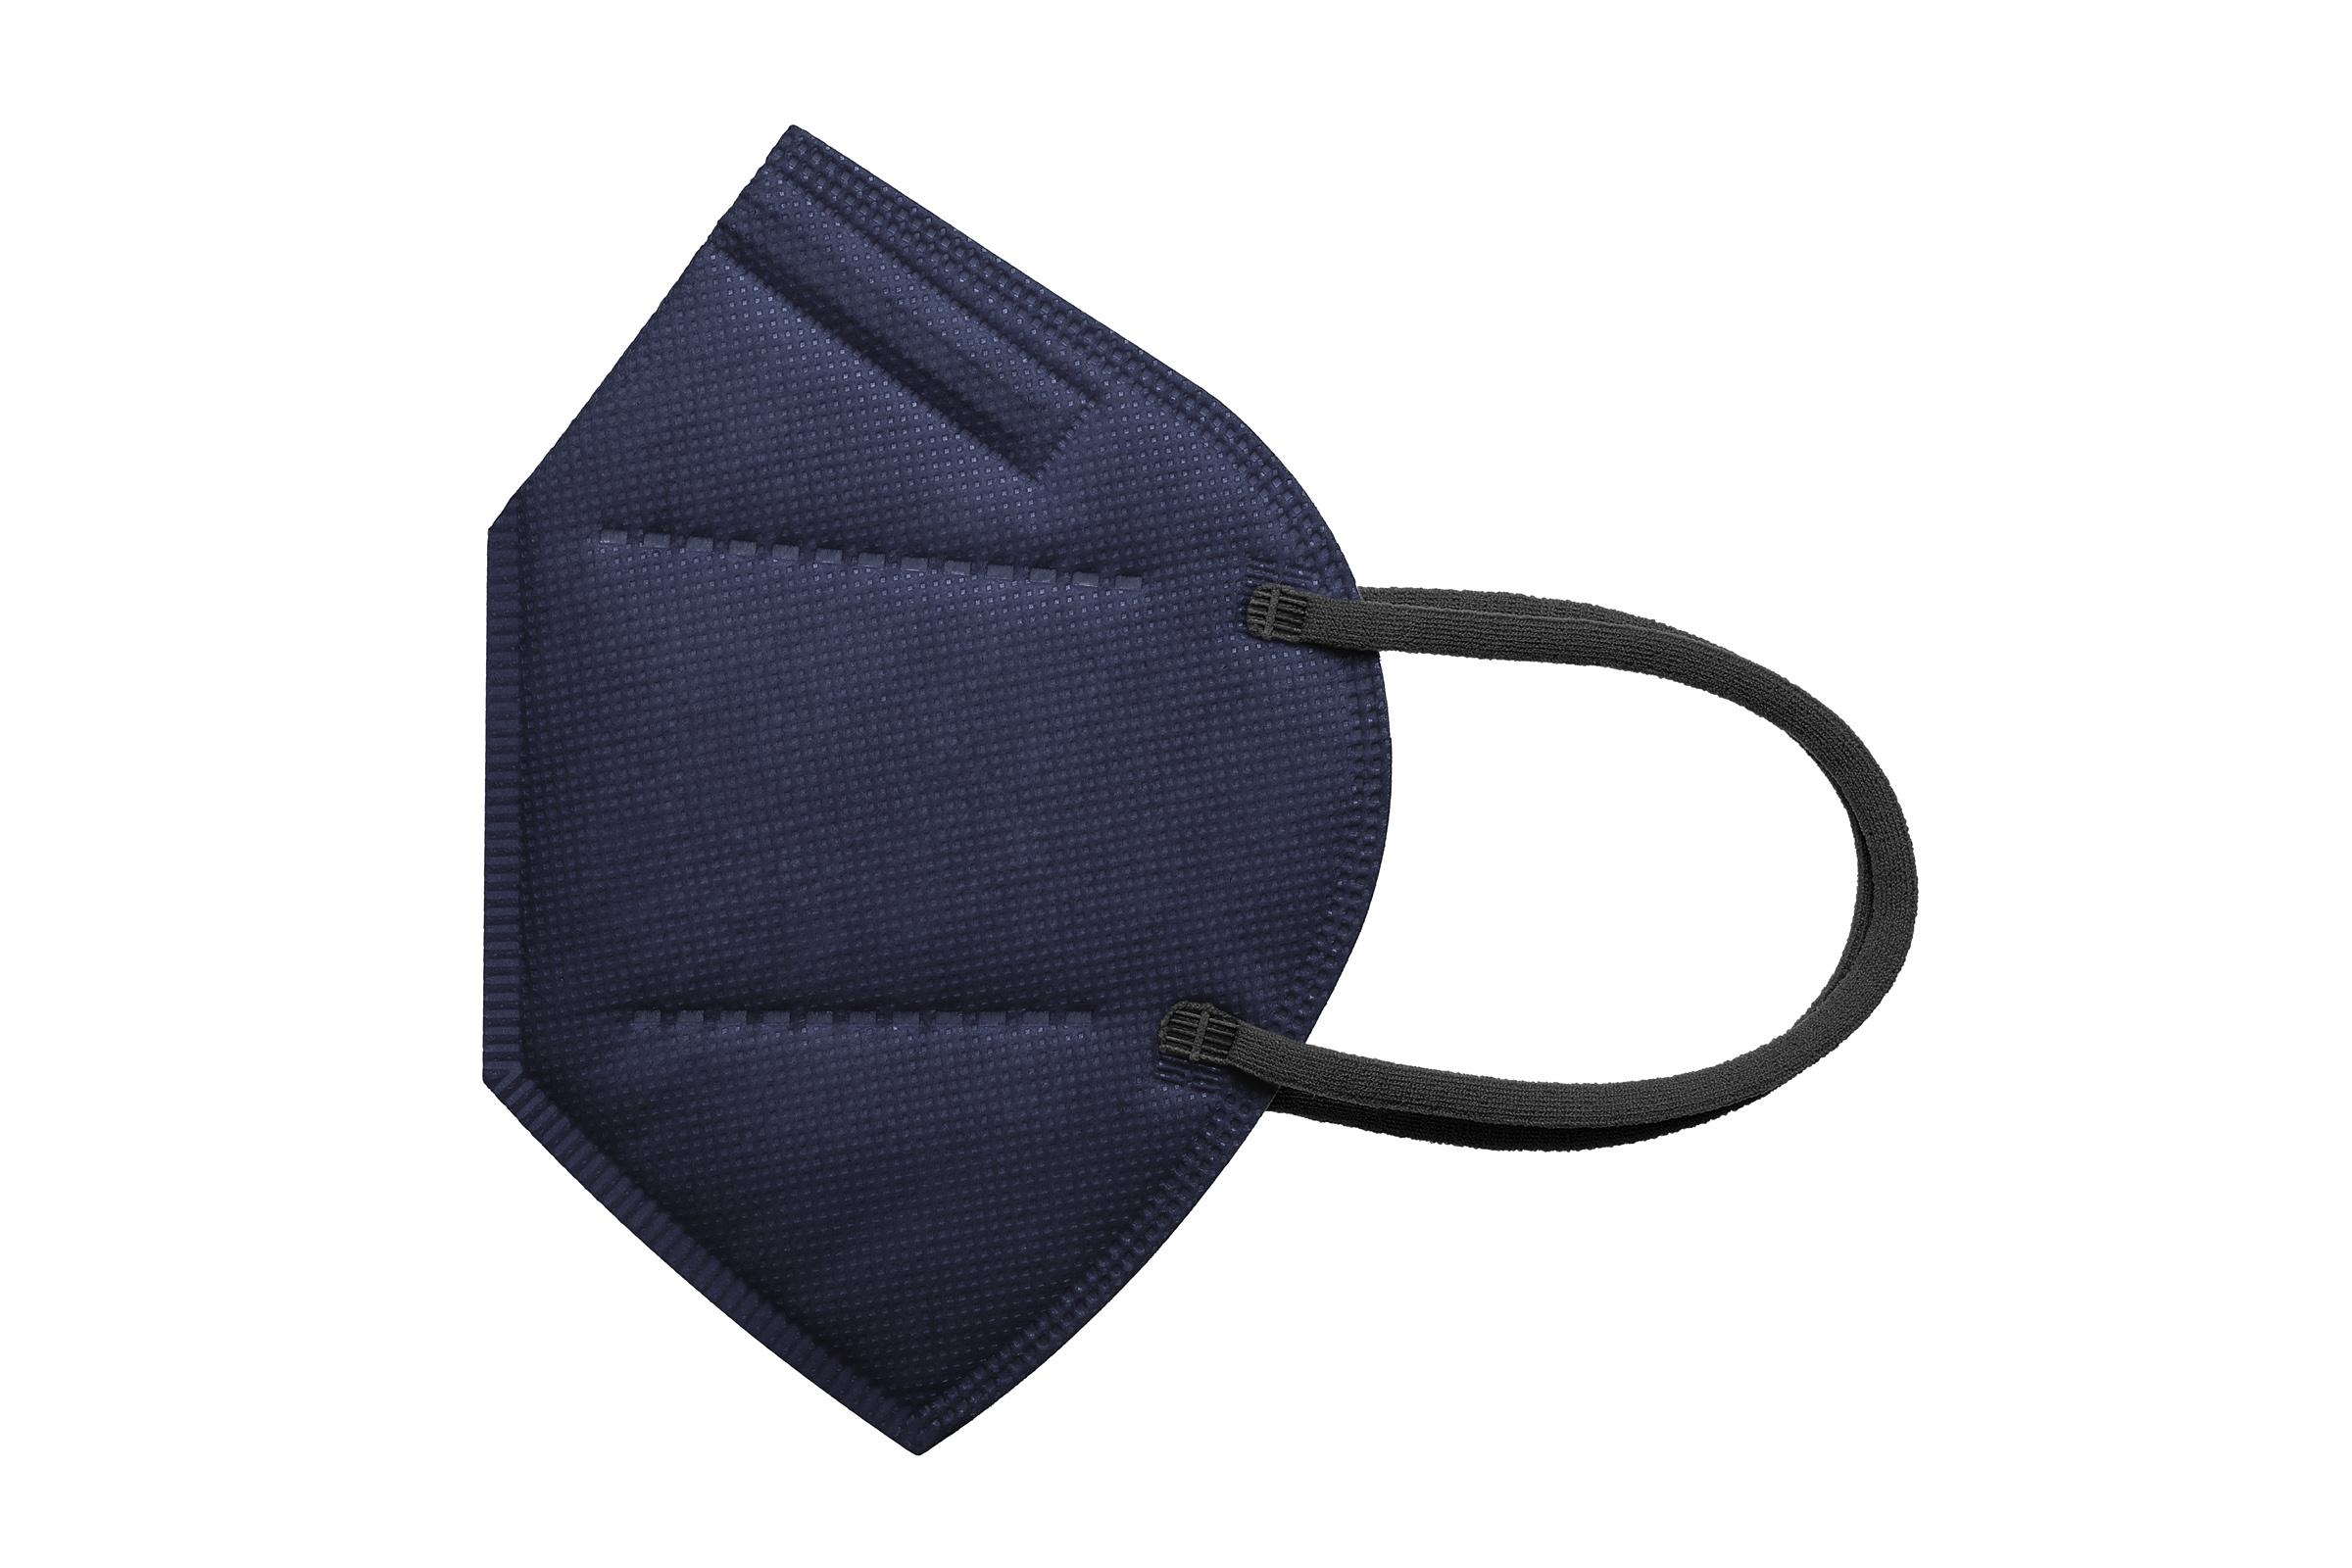 ONE FACEMASK BLACK - FFP 2 Atemschutzmaske schwarz ohne Ventil